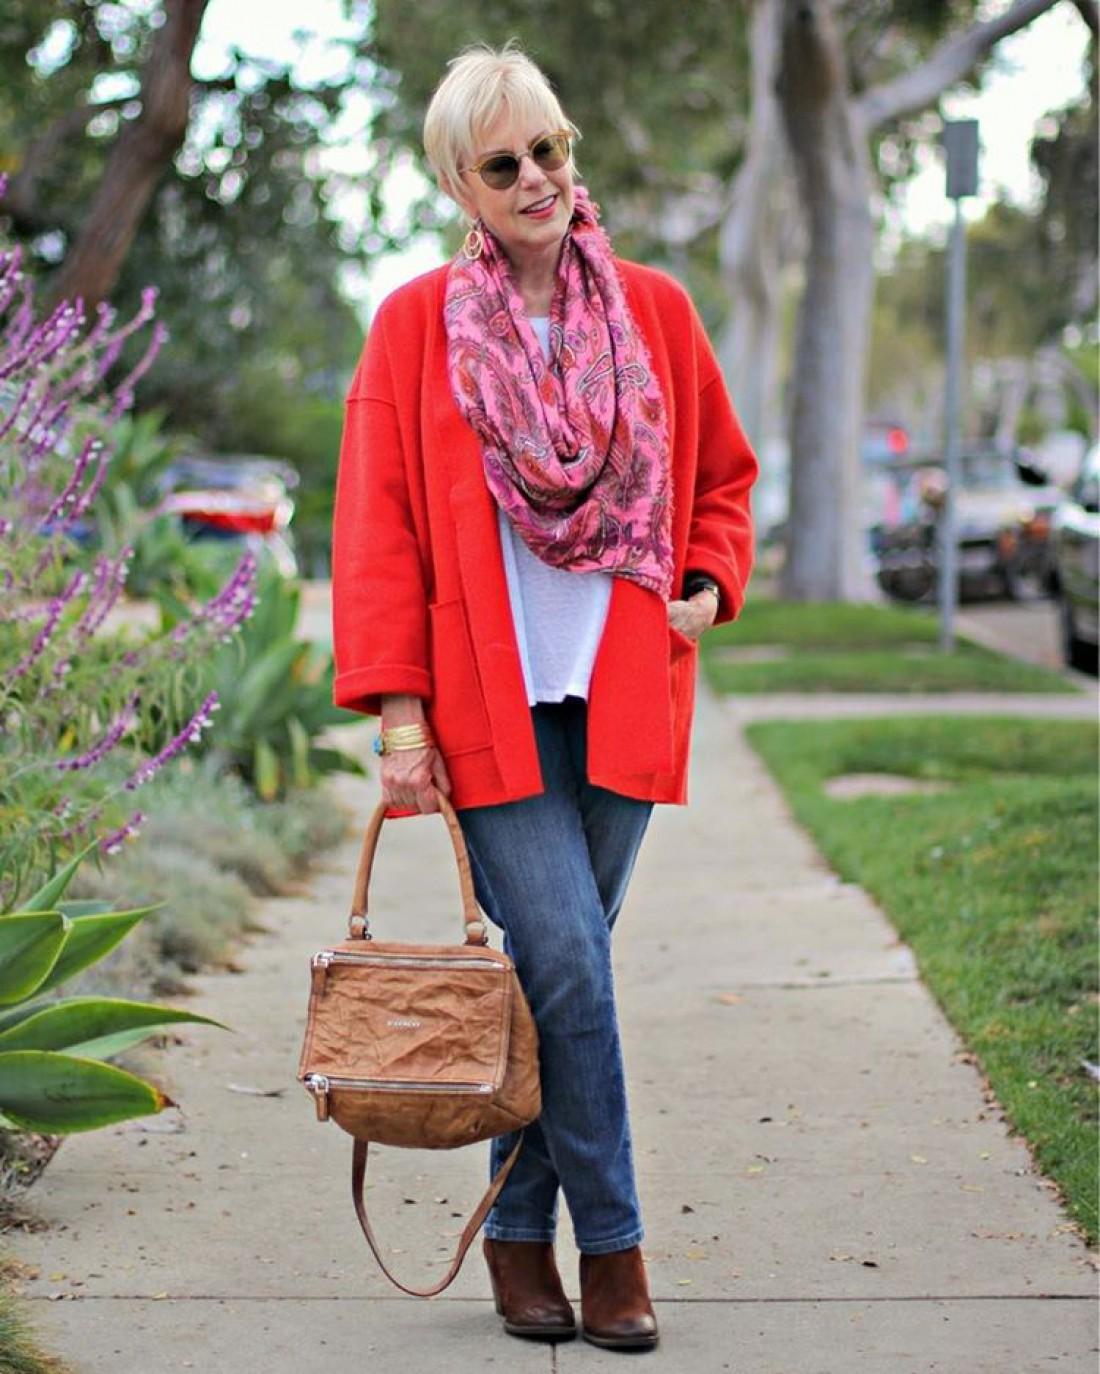 синие джинсы под красную куртку